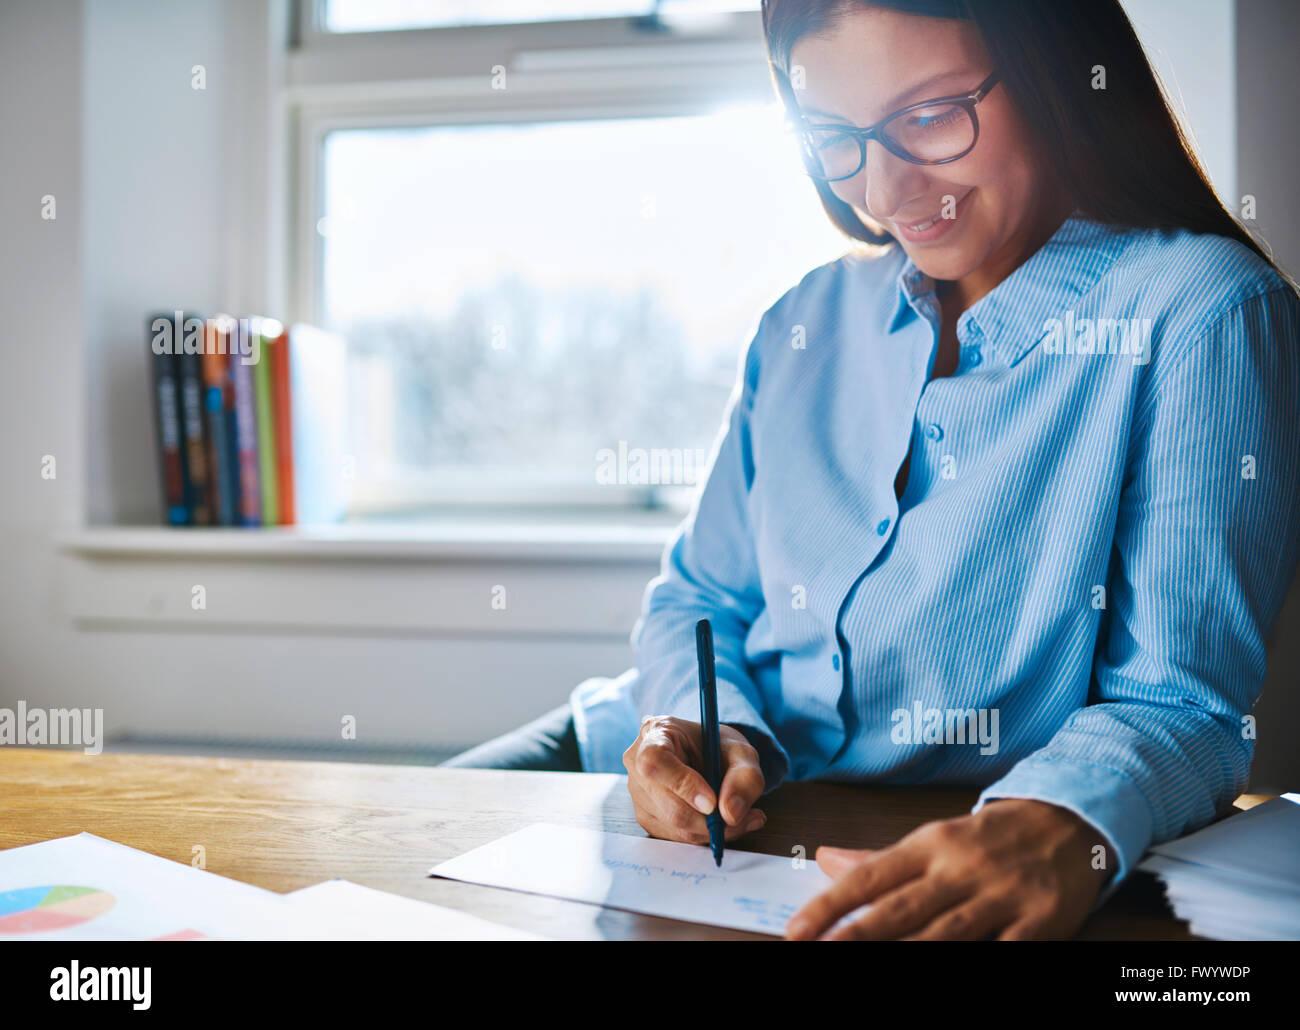 Selektiver Fokus Nahaufnahme auf happy Unternehmer weibliche Brille und blaue T-Shirt am Schreibtisch schreiben Stockbild